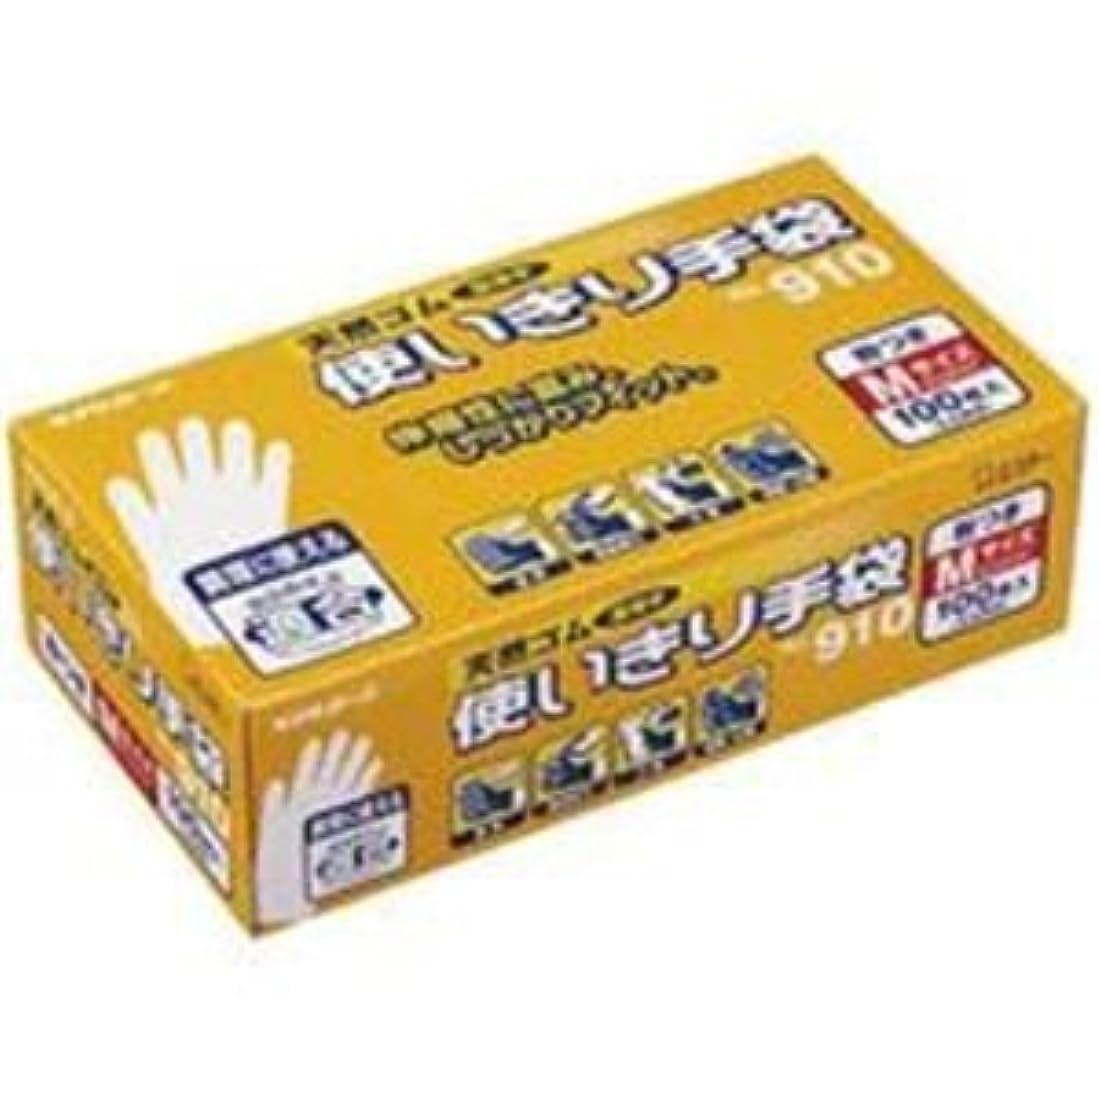 納税者遺伝的サイドボードエステー 天然ゴム使い切り手袋 No.910 S 12箱